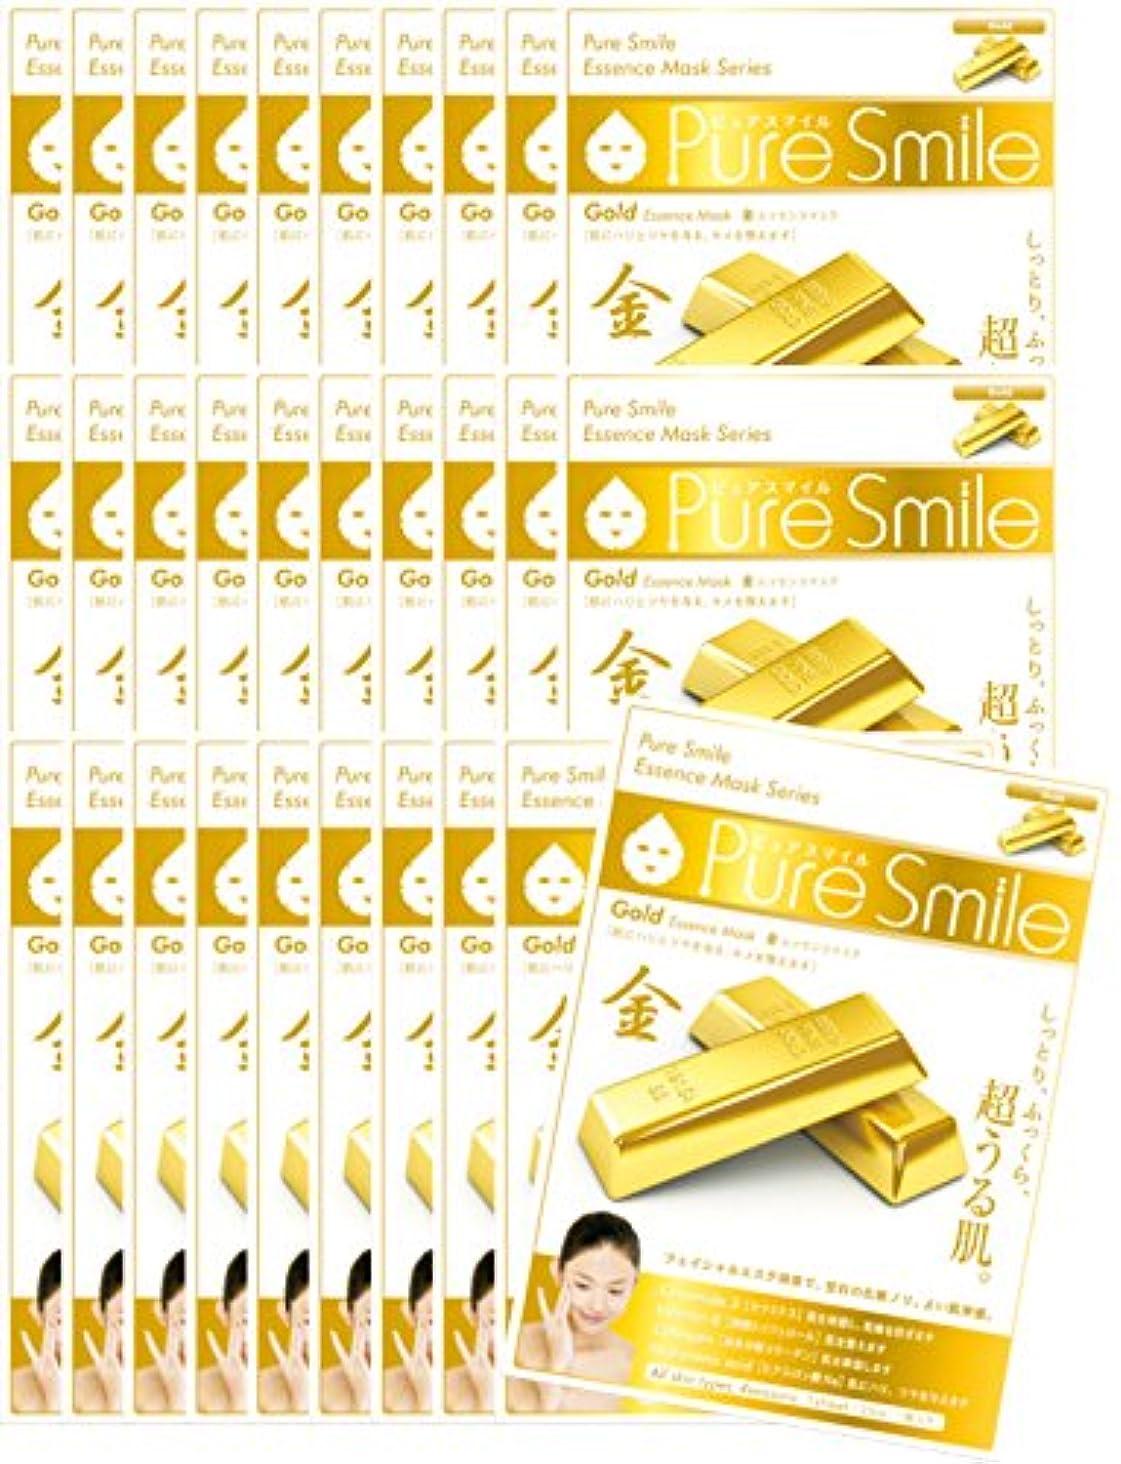 落ち着いて同様に語ピュアスマイル エッセンスマスク 日本の恵み シリーズ金 30枚セット